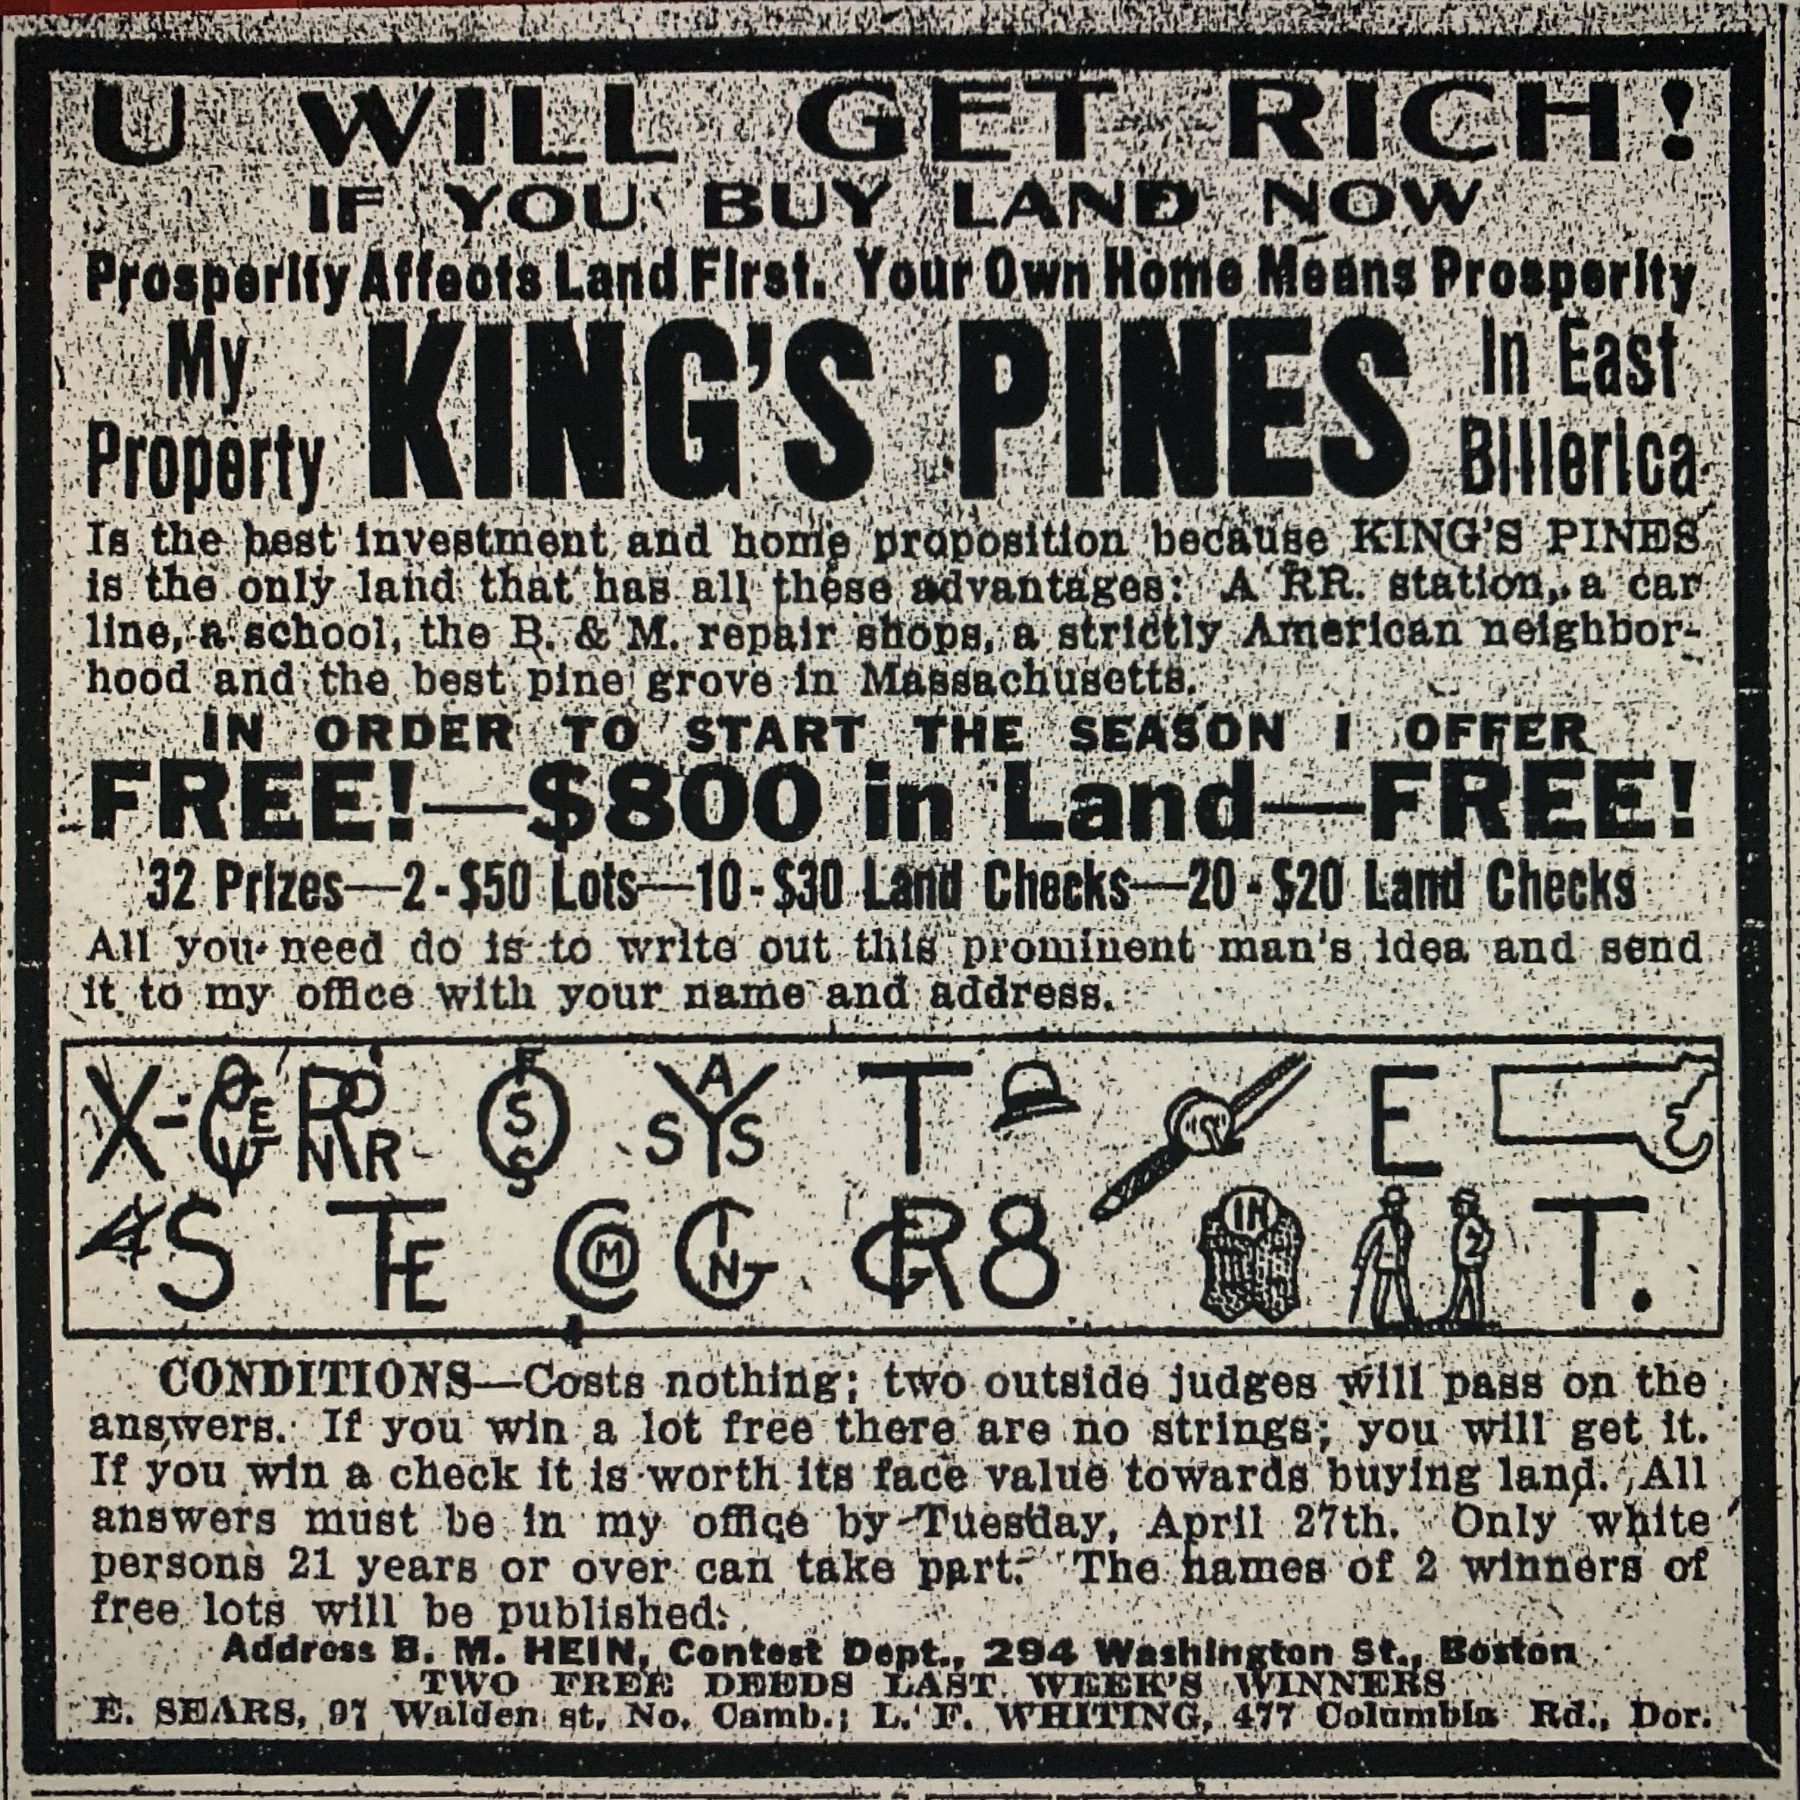 King's Pines Billerica